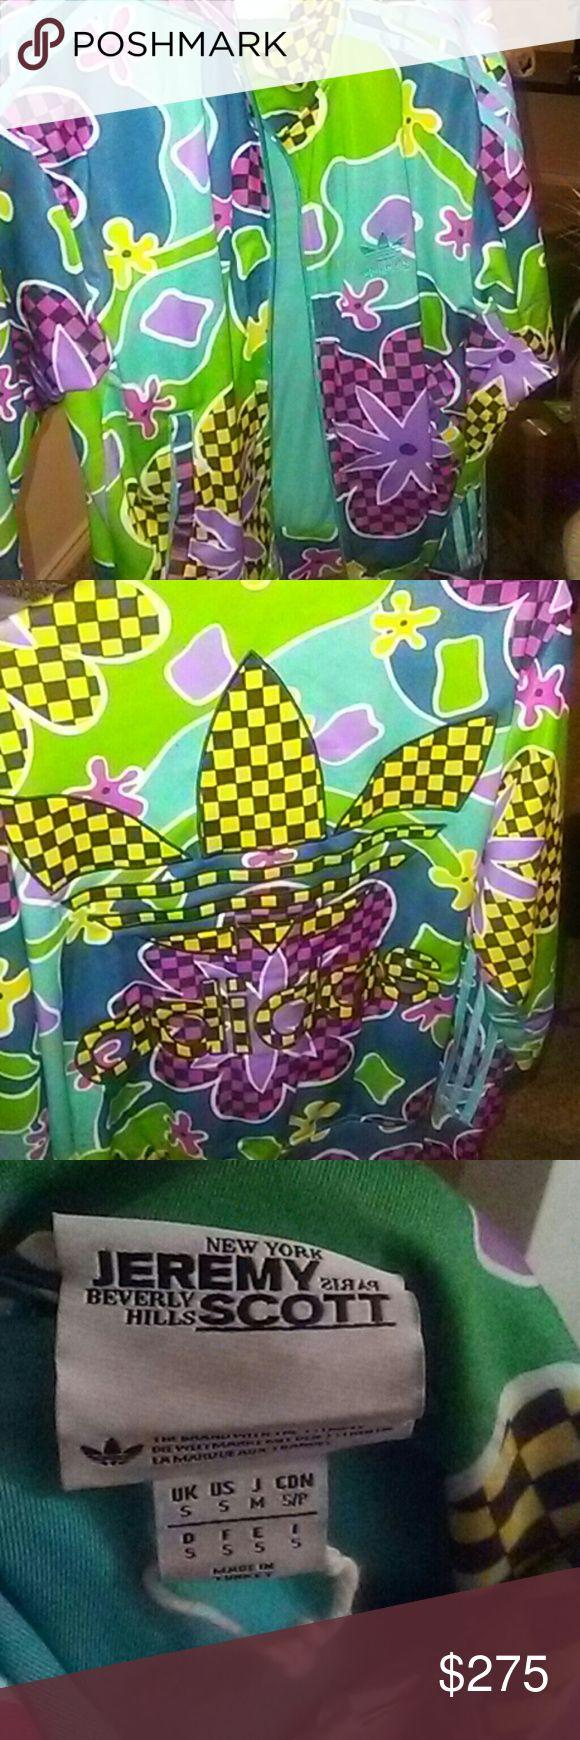 Adidas Jermey Scott Jacket Gently used Adidas Jacket. Purchase. For $375 Selling for 275$ adidas Jackets & Coats